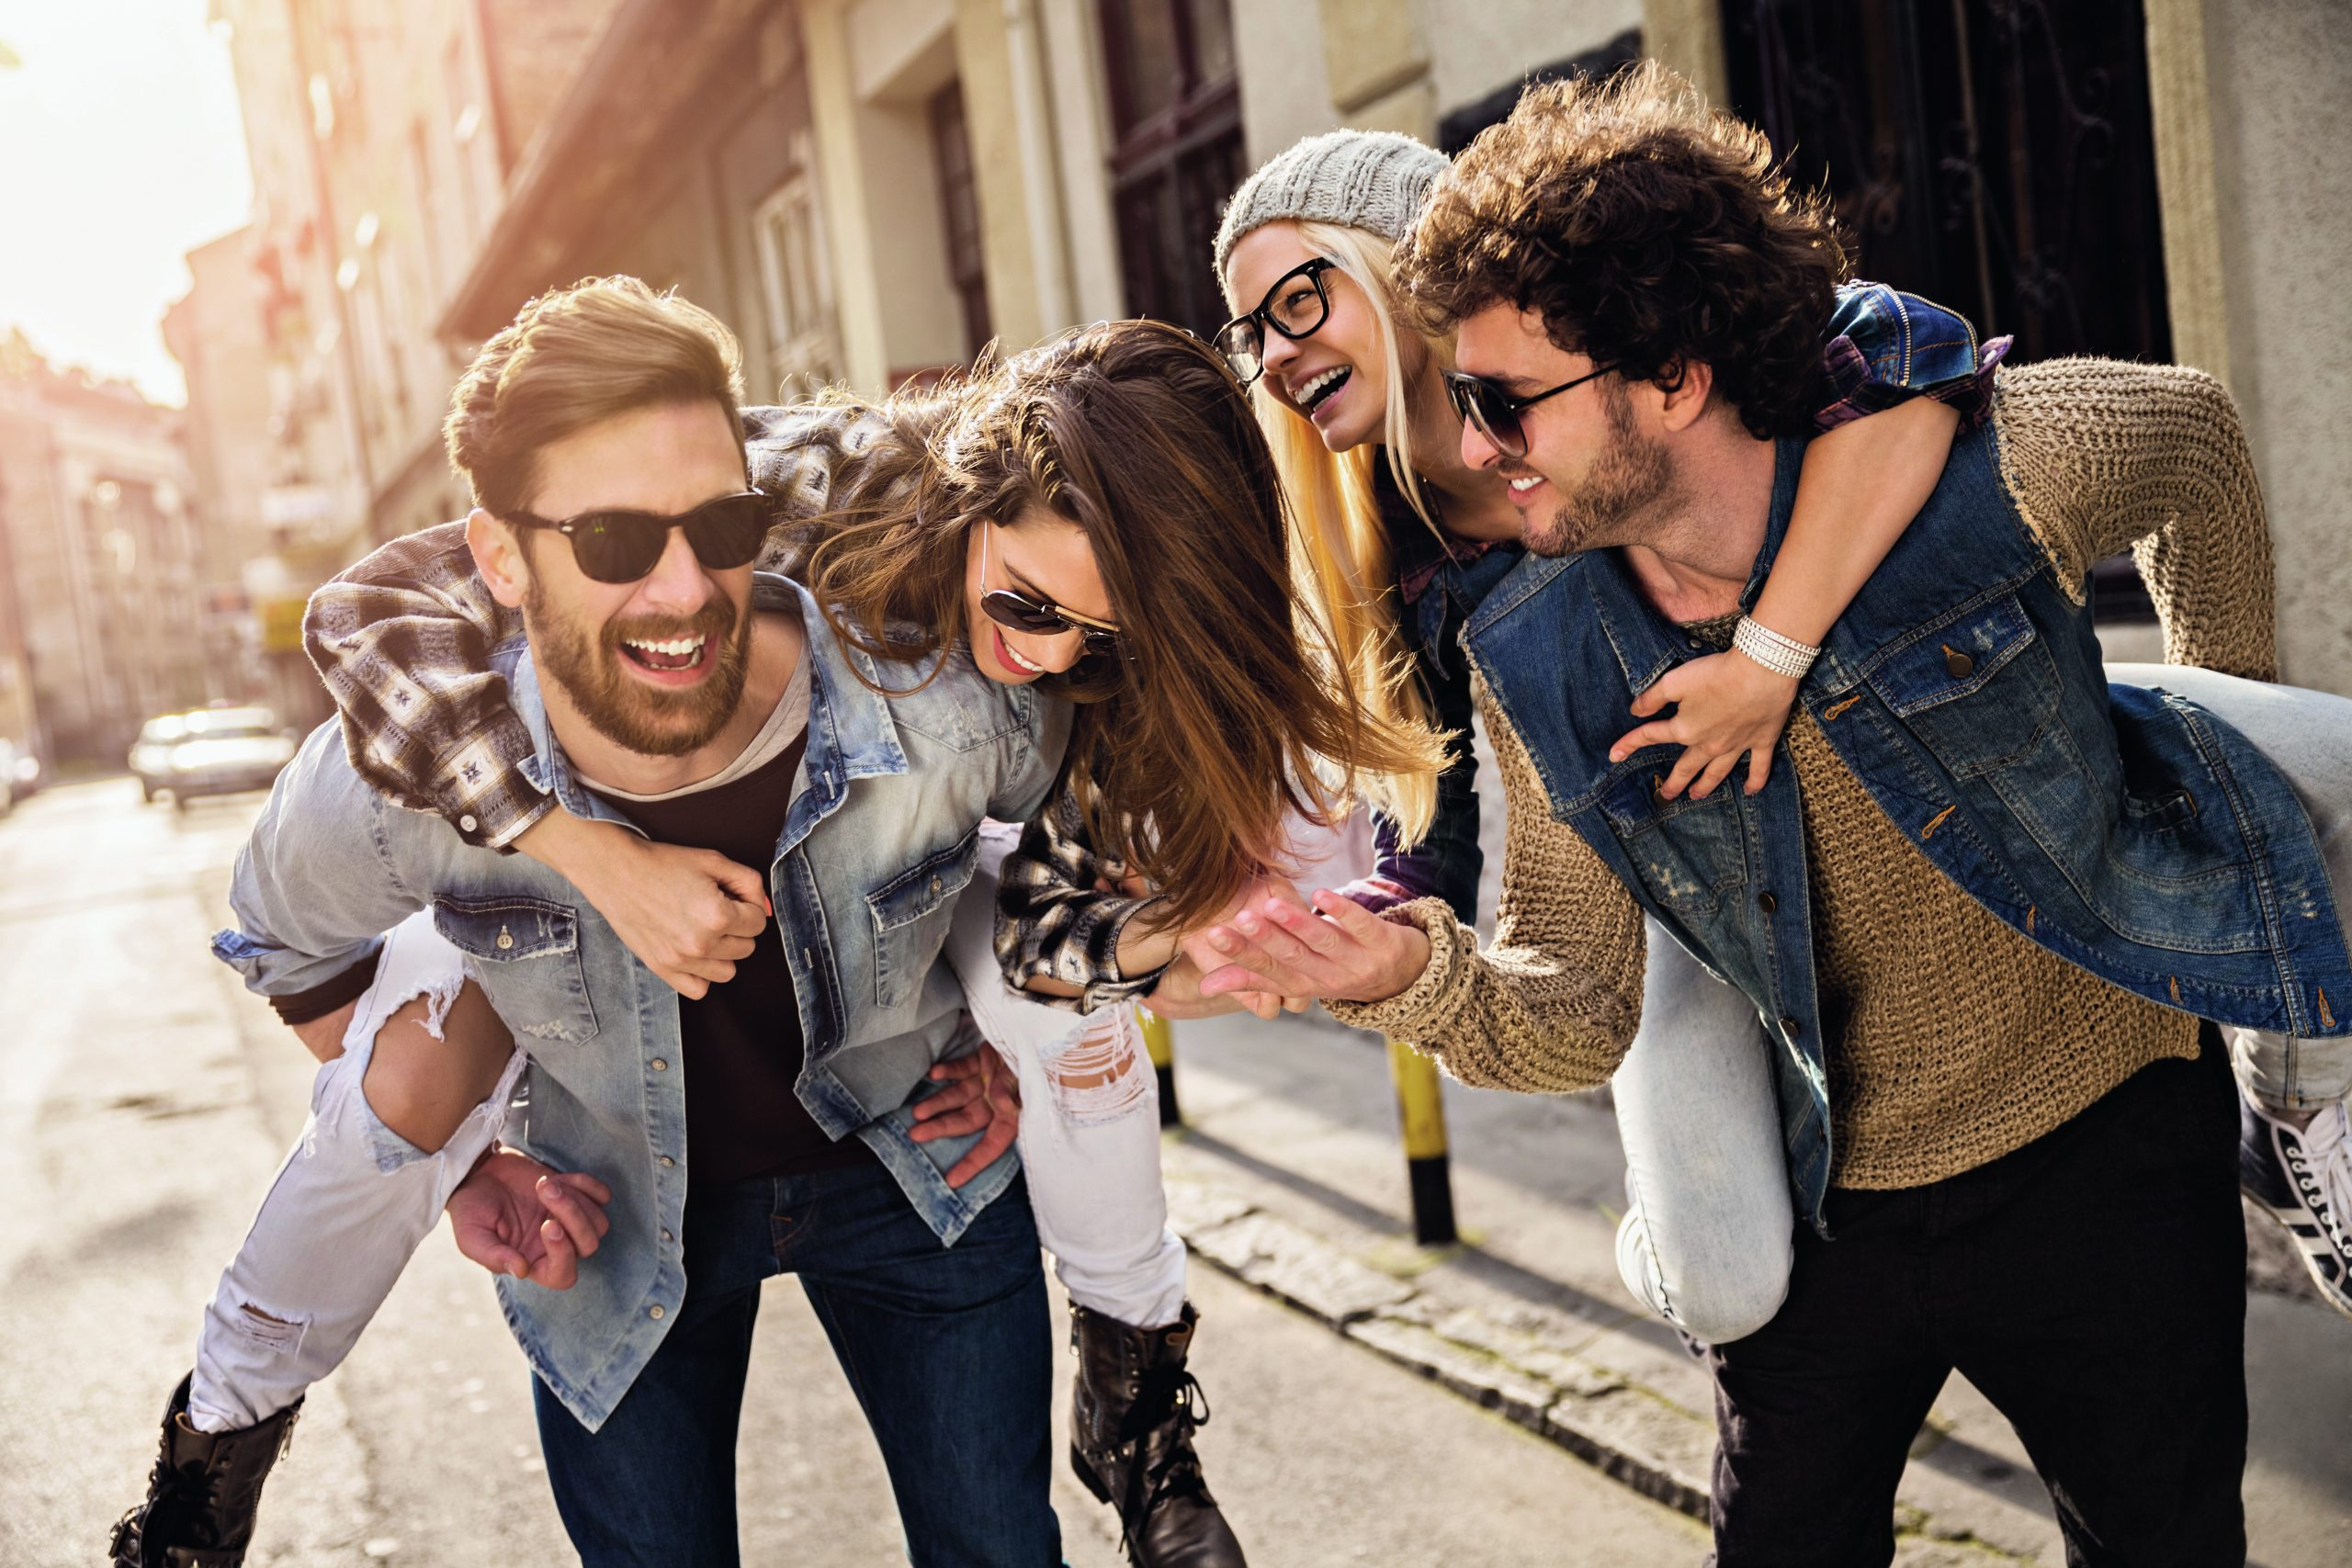 Eine Gruppe von jungen Freunden in der Stadt, bereit die Welt der Brands von Trisa Accessoires zu entdecken.